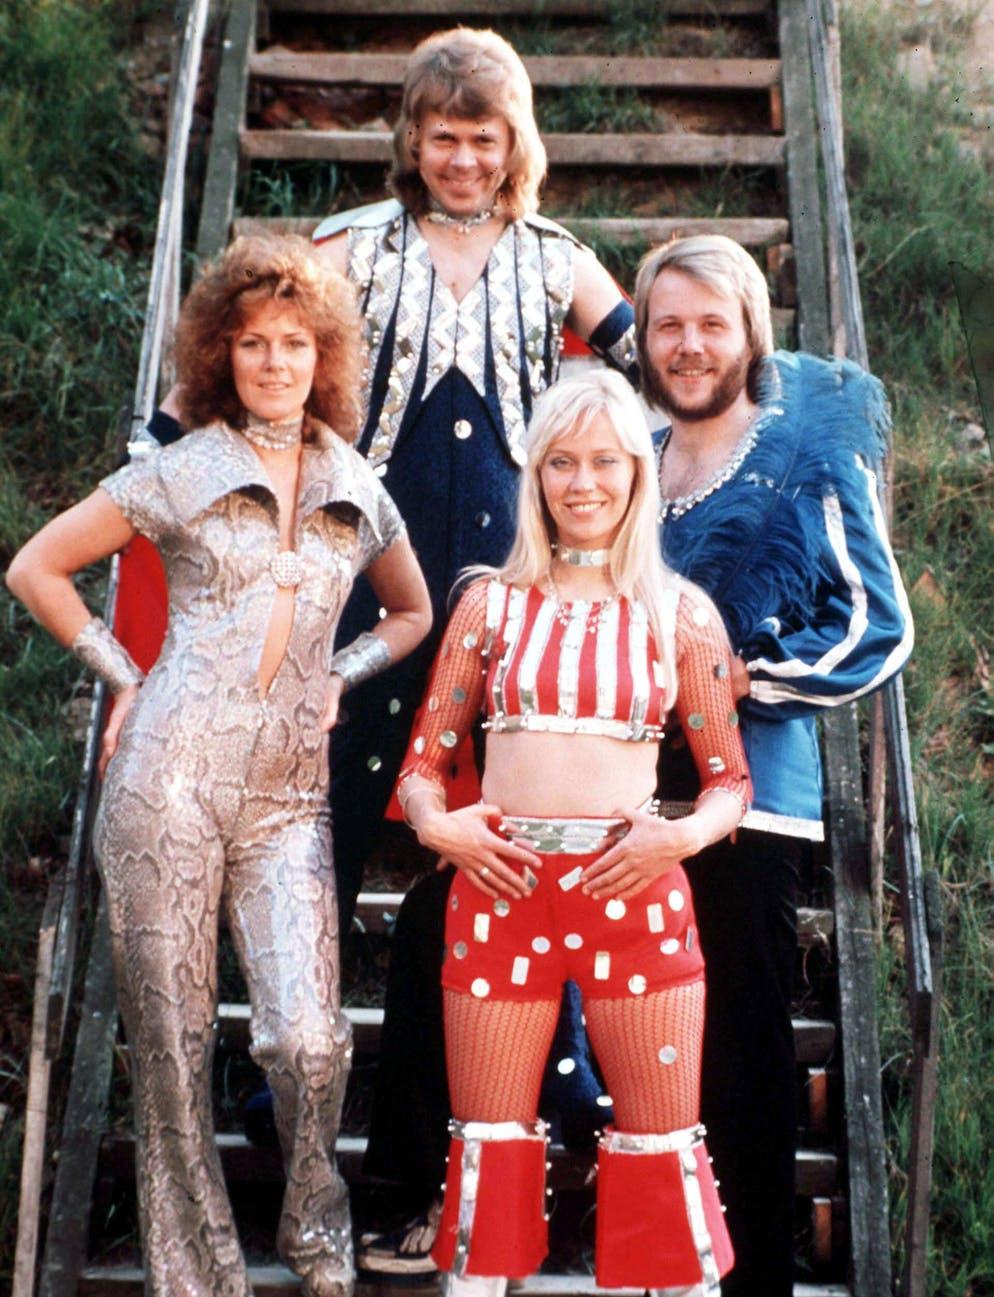 Die schwedische Popgruppe Abba, mit: Bjoern Ulvaeus, Agnetha Faeltskog, Anni-Frid Lyngstad und Benny Anderson, undatierte Aufnahme. (KEYSTONE/CAMERA PRESS/HEILEMANN) === ===